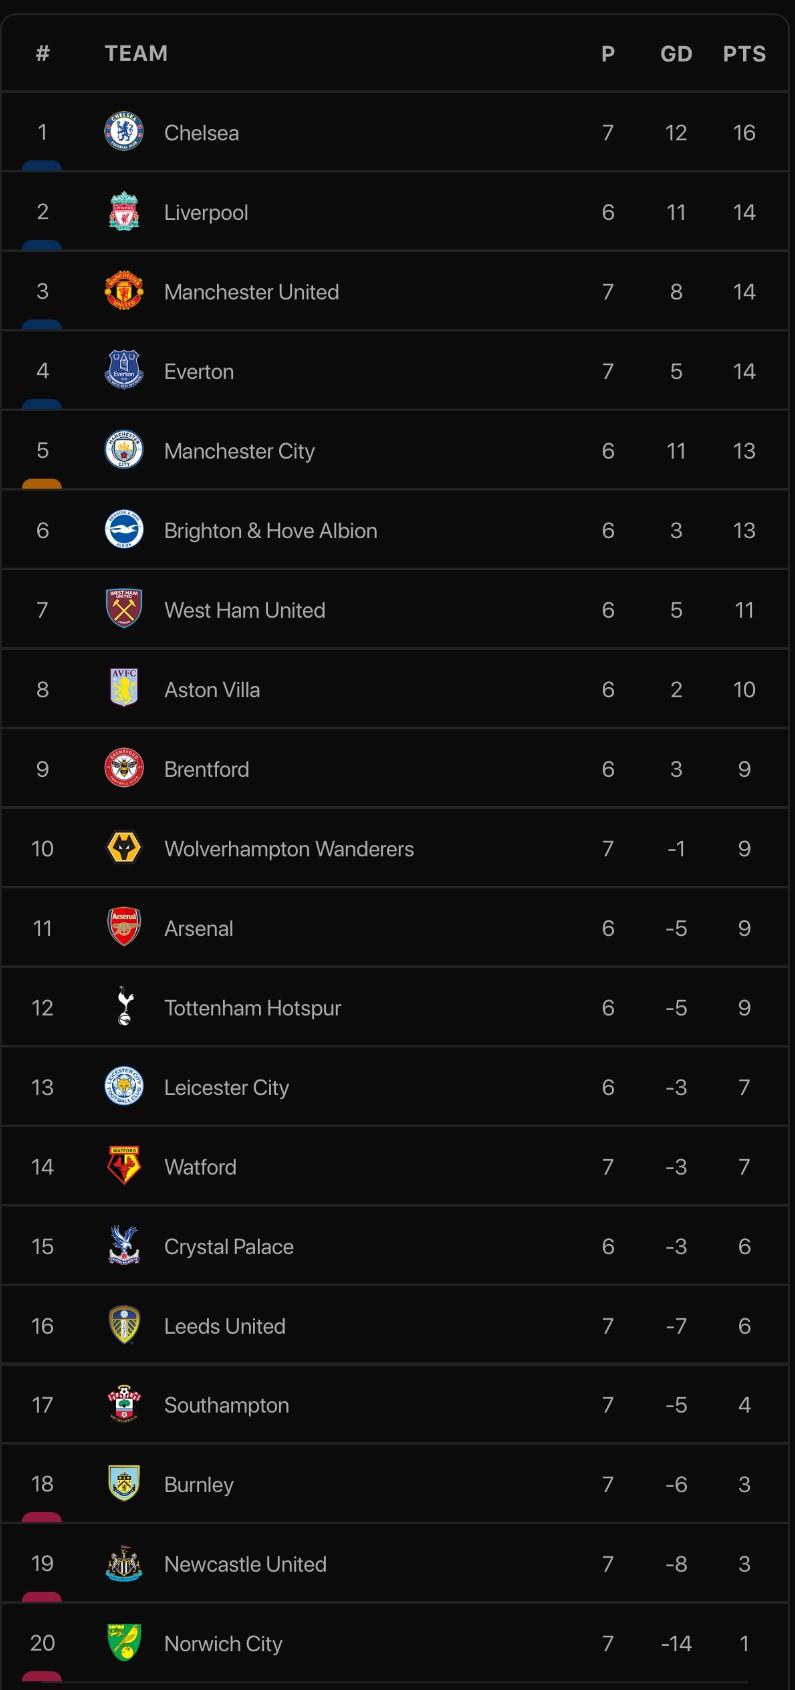 Hai lần bị từ chối bàn thắng, Chelsea thắng kịch tính lên ngôi đầu bảng - ảnh 9